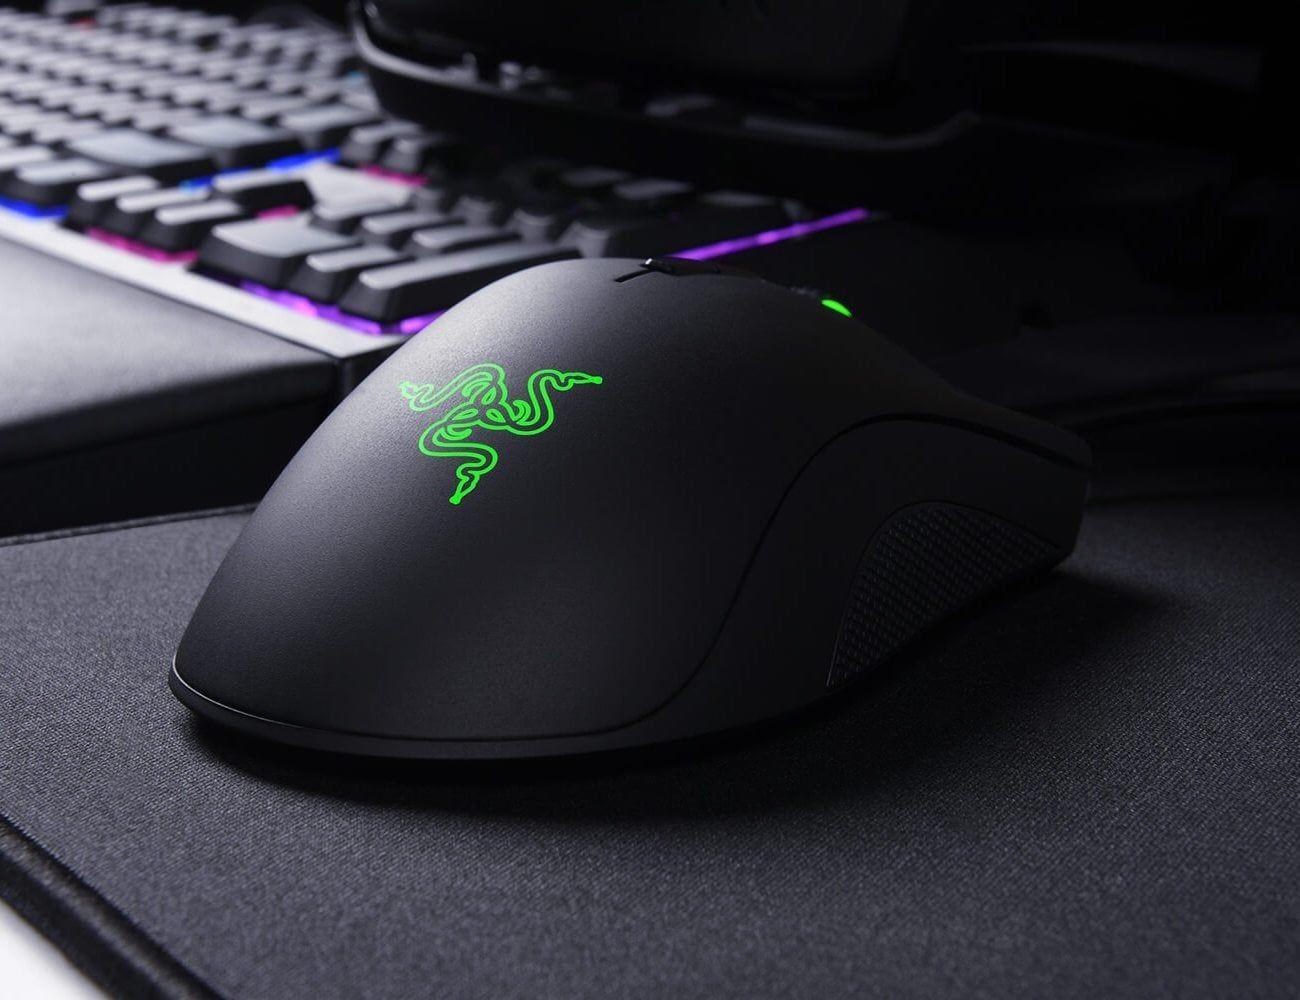 Kerja Maupun Gaming, Ini 5 Mouse Terbaik untuk PCmu di Tahun 2018